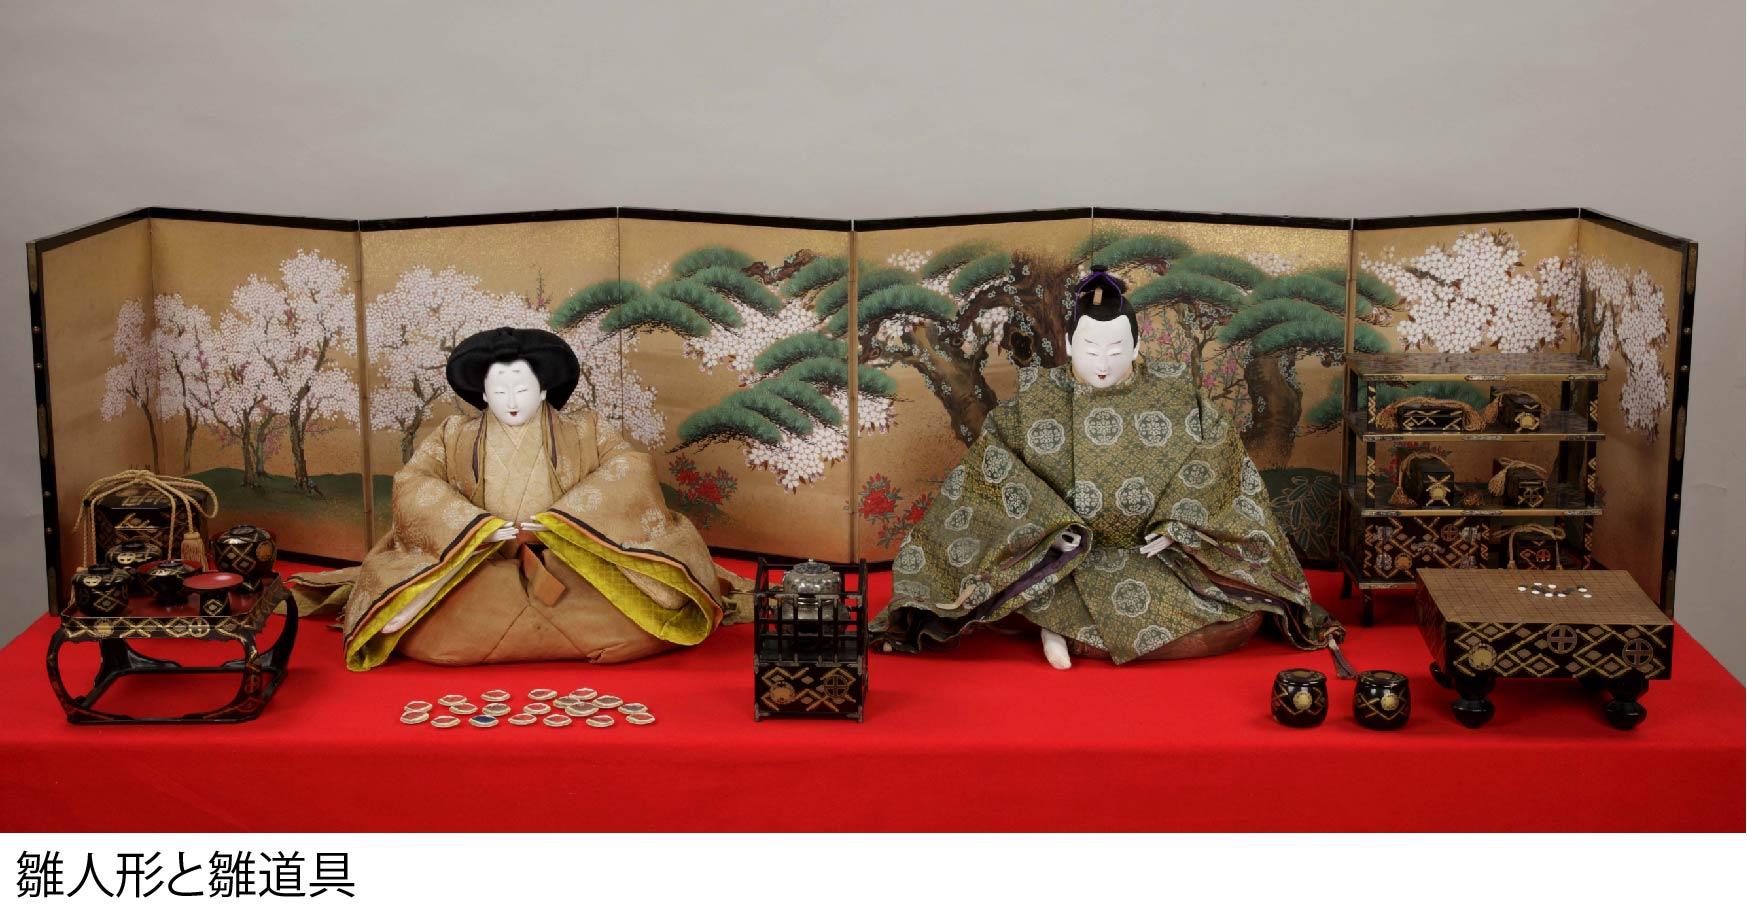 早春の所蔵品展(特集:ひな人形と小さな世界)